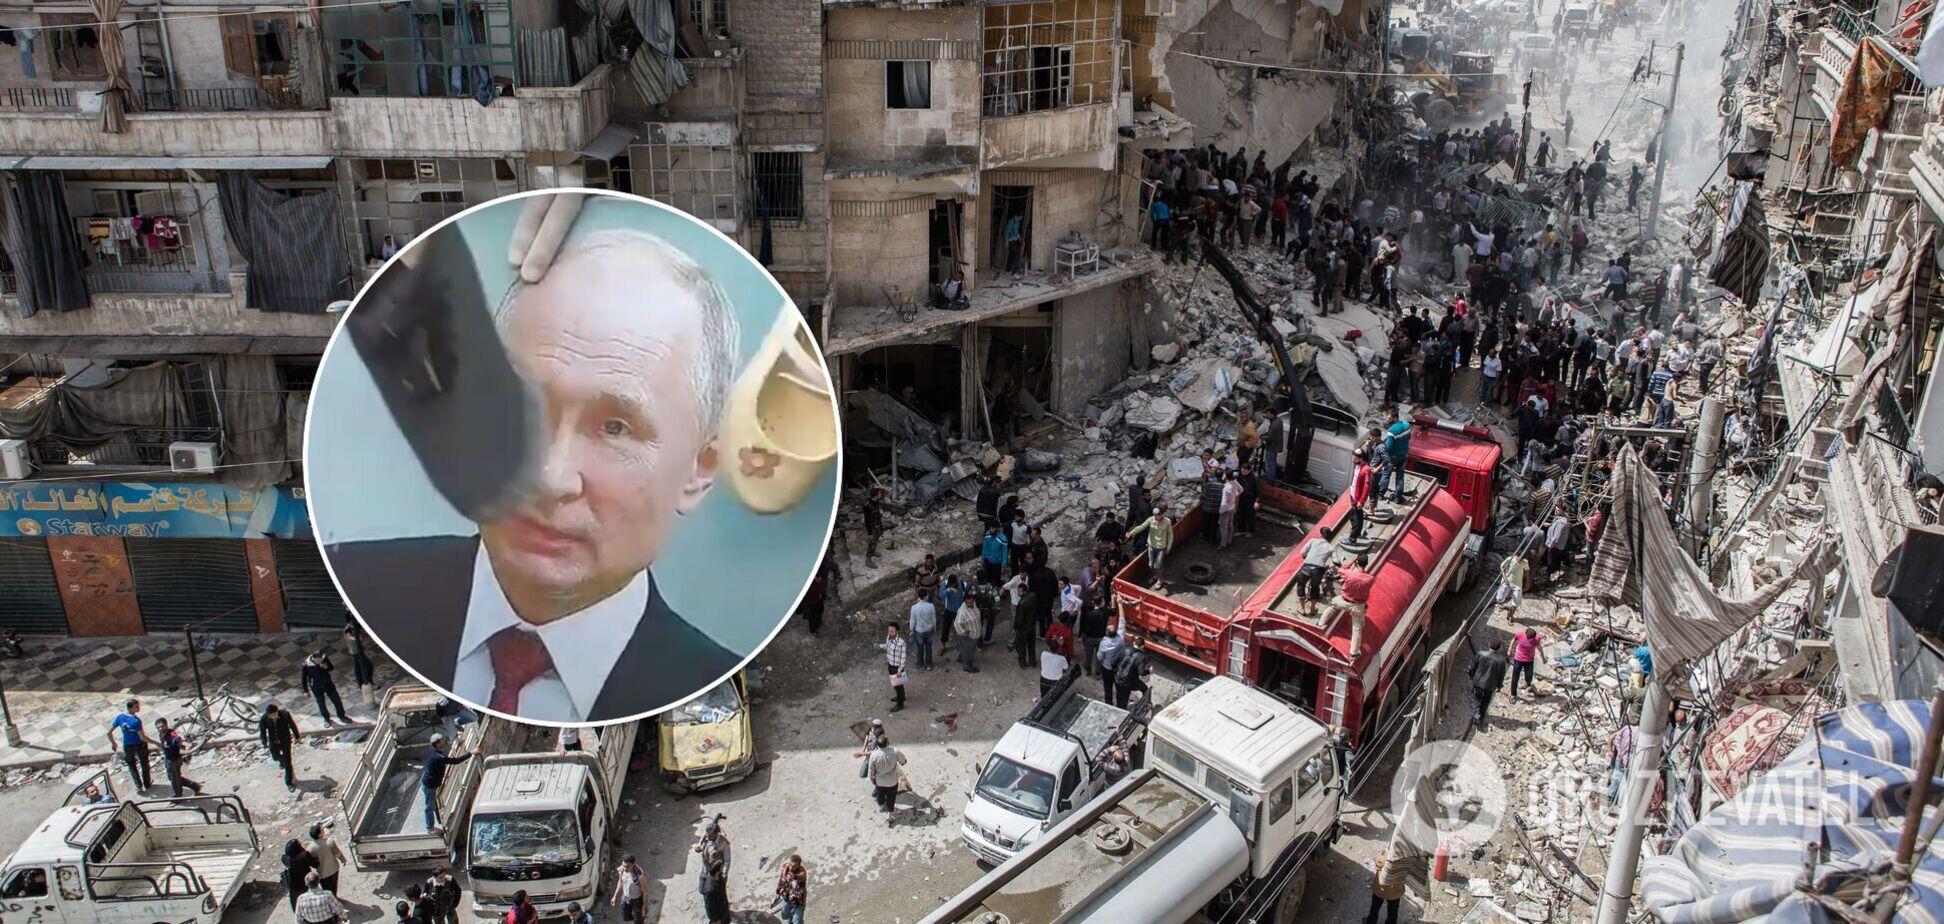 Путина 'били' тапками по лицу в Сирии. Видео